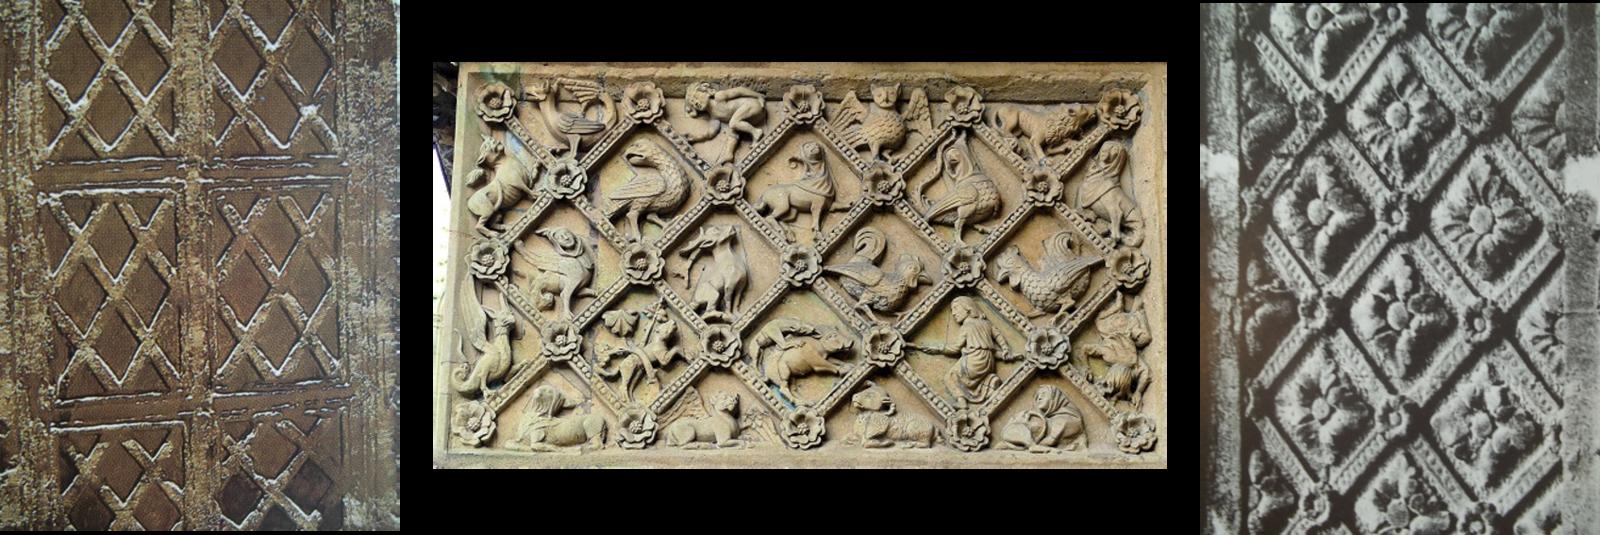 Chancel St-Pierre-aux-Nonnains, VIII ème, pierre ornée de losanges.   Cathédrale St-Etienne, portail nord de Notre-Dame la Ronde, bestiaire. Portail Saint-Etienne, XIII ème, treillis à gros boutons floraux.